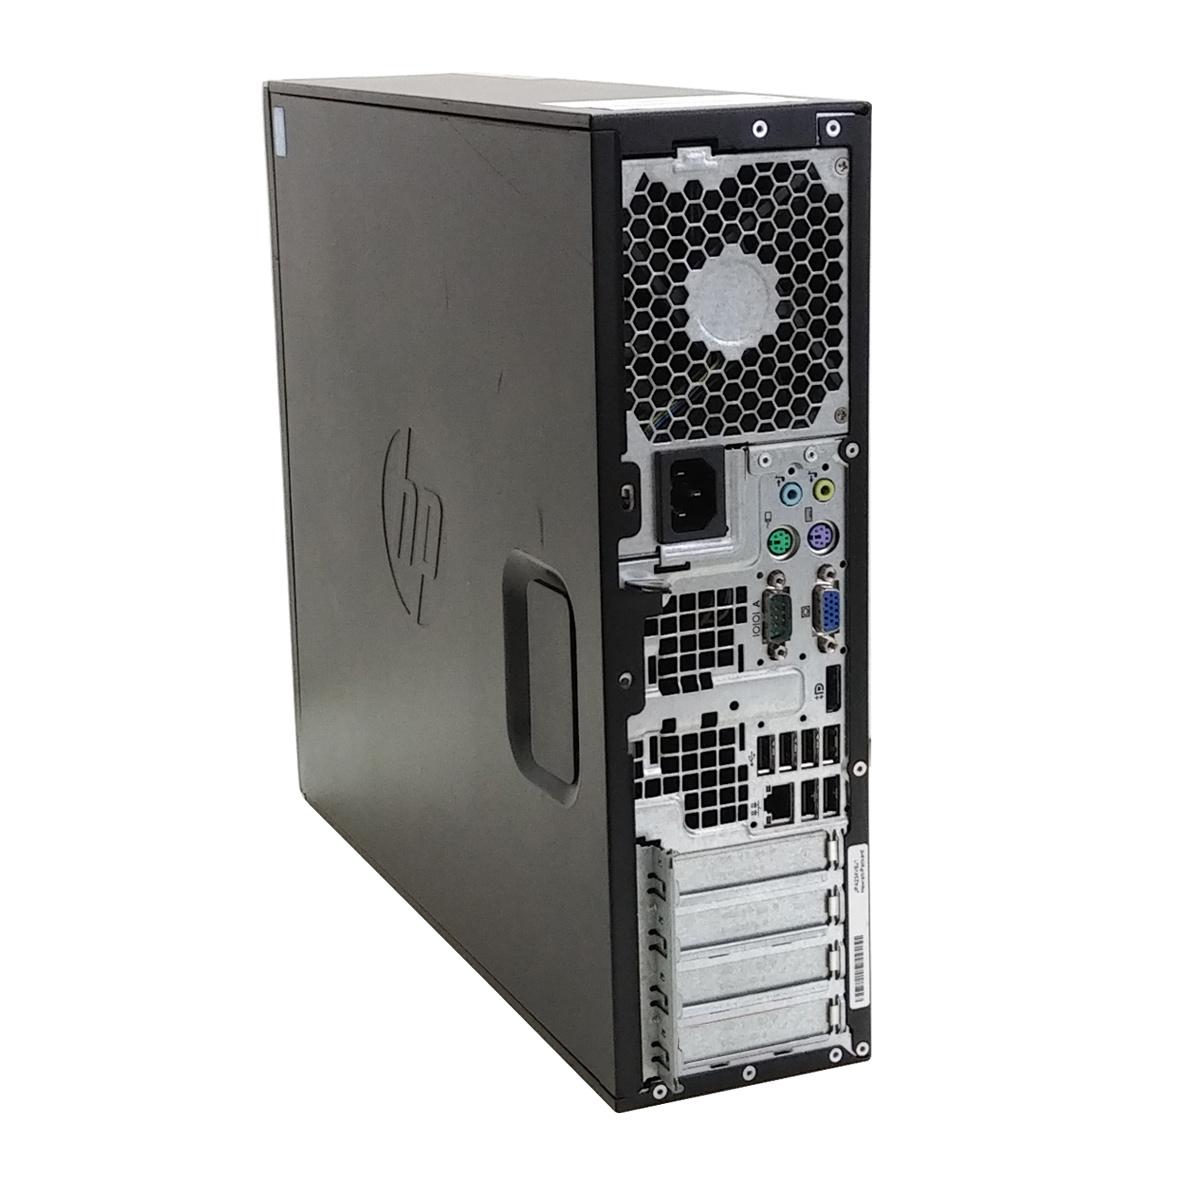 中古パソコンHP 6200 Pro SFF WindowsXP Corei3-3.3Ghz メモリ4GB HDD250GB DVDマルチ WPS Office (ZH13xm) 3ヵ月保証 / 中古デスクトップパソコン